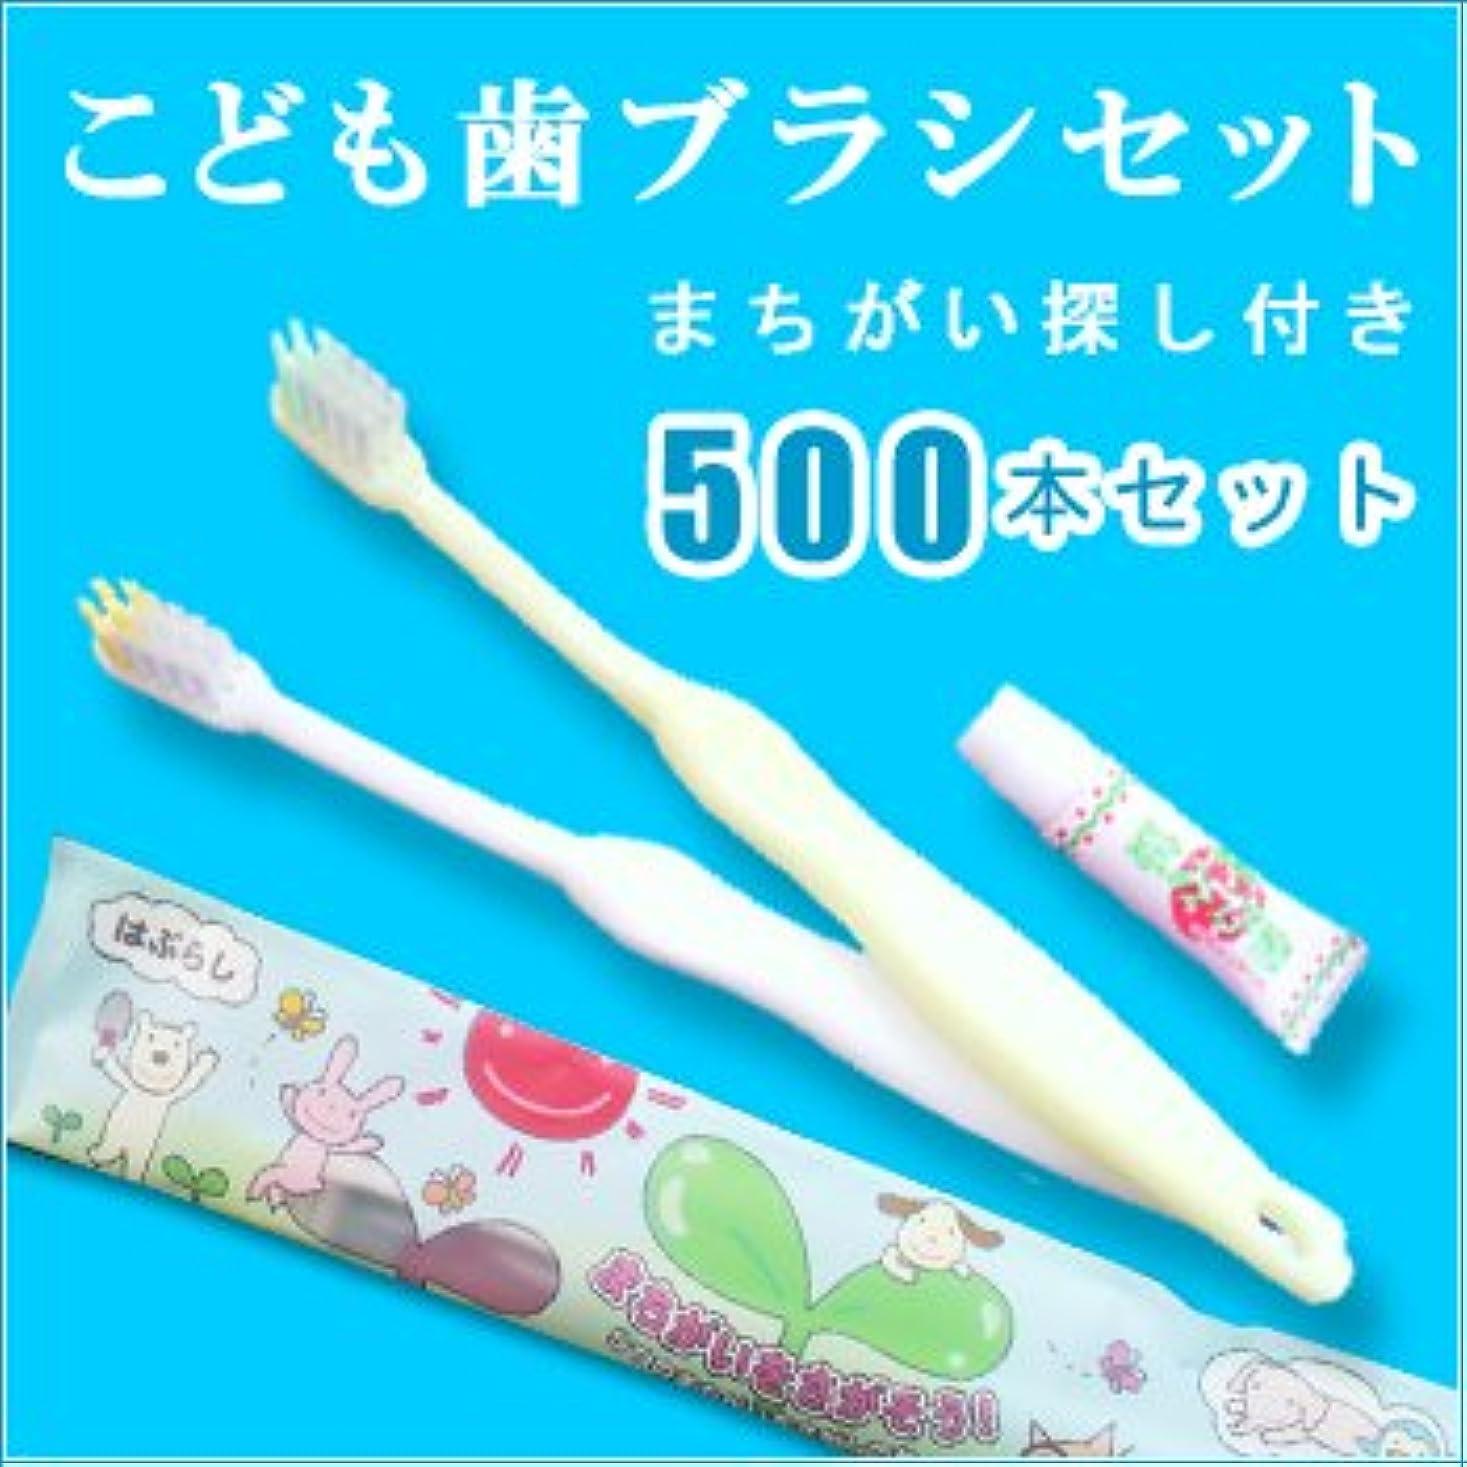 必需品移行サンプルこども用歯ブラシ いちご味の歯磨き粉 3gチューブ付 ホワイト?イエロー2色アソート(1セット500本)1本当たり34円